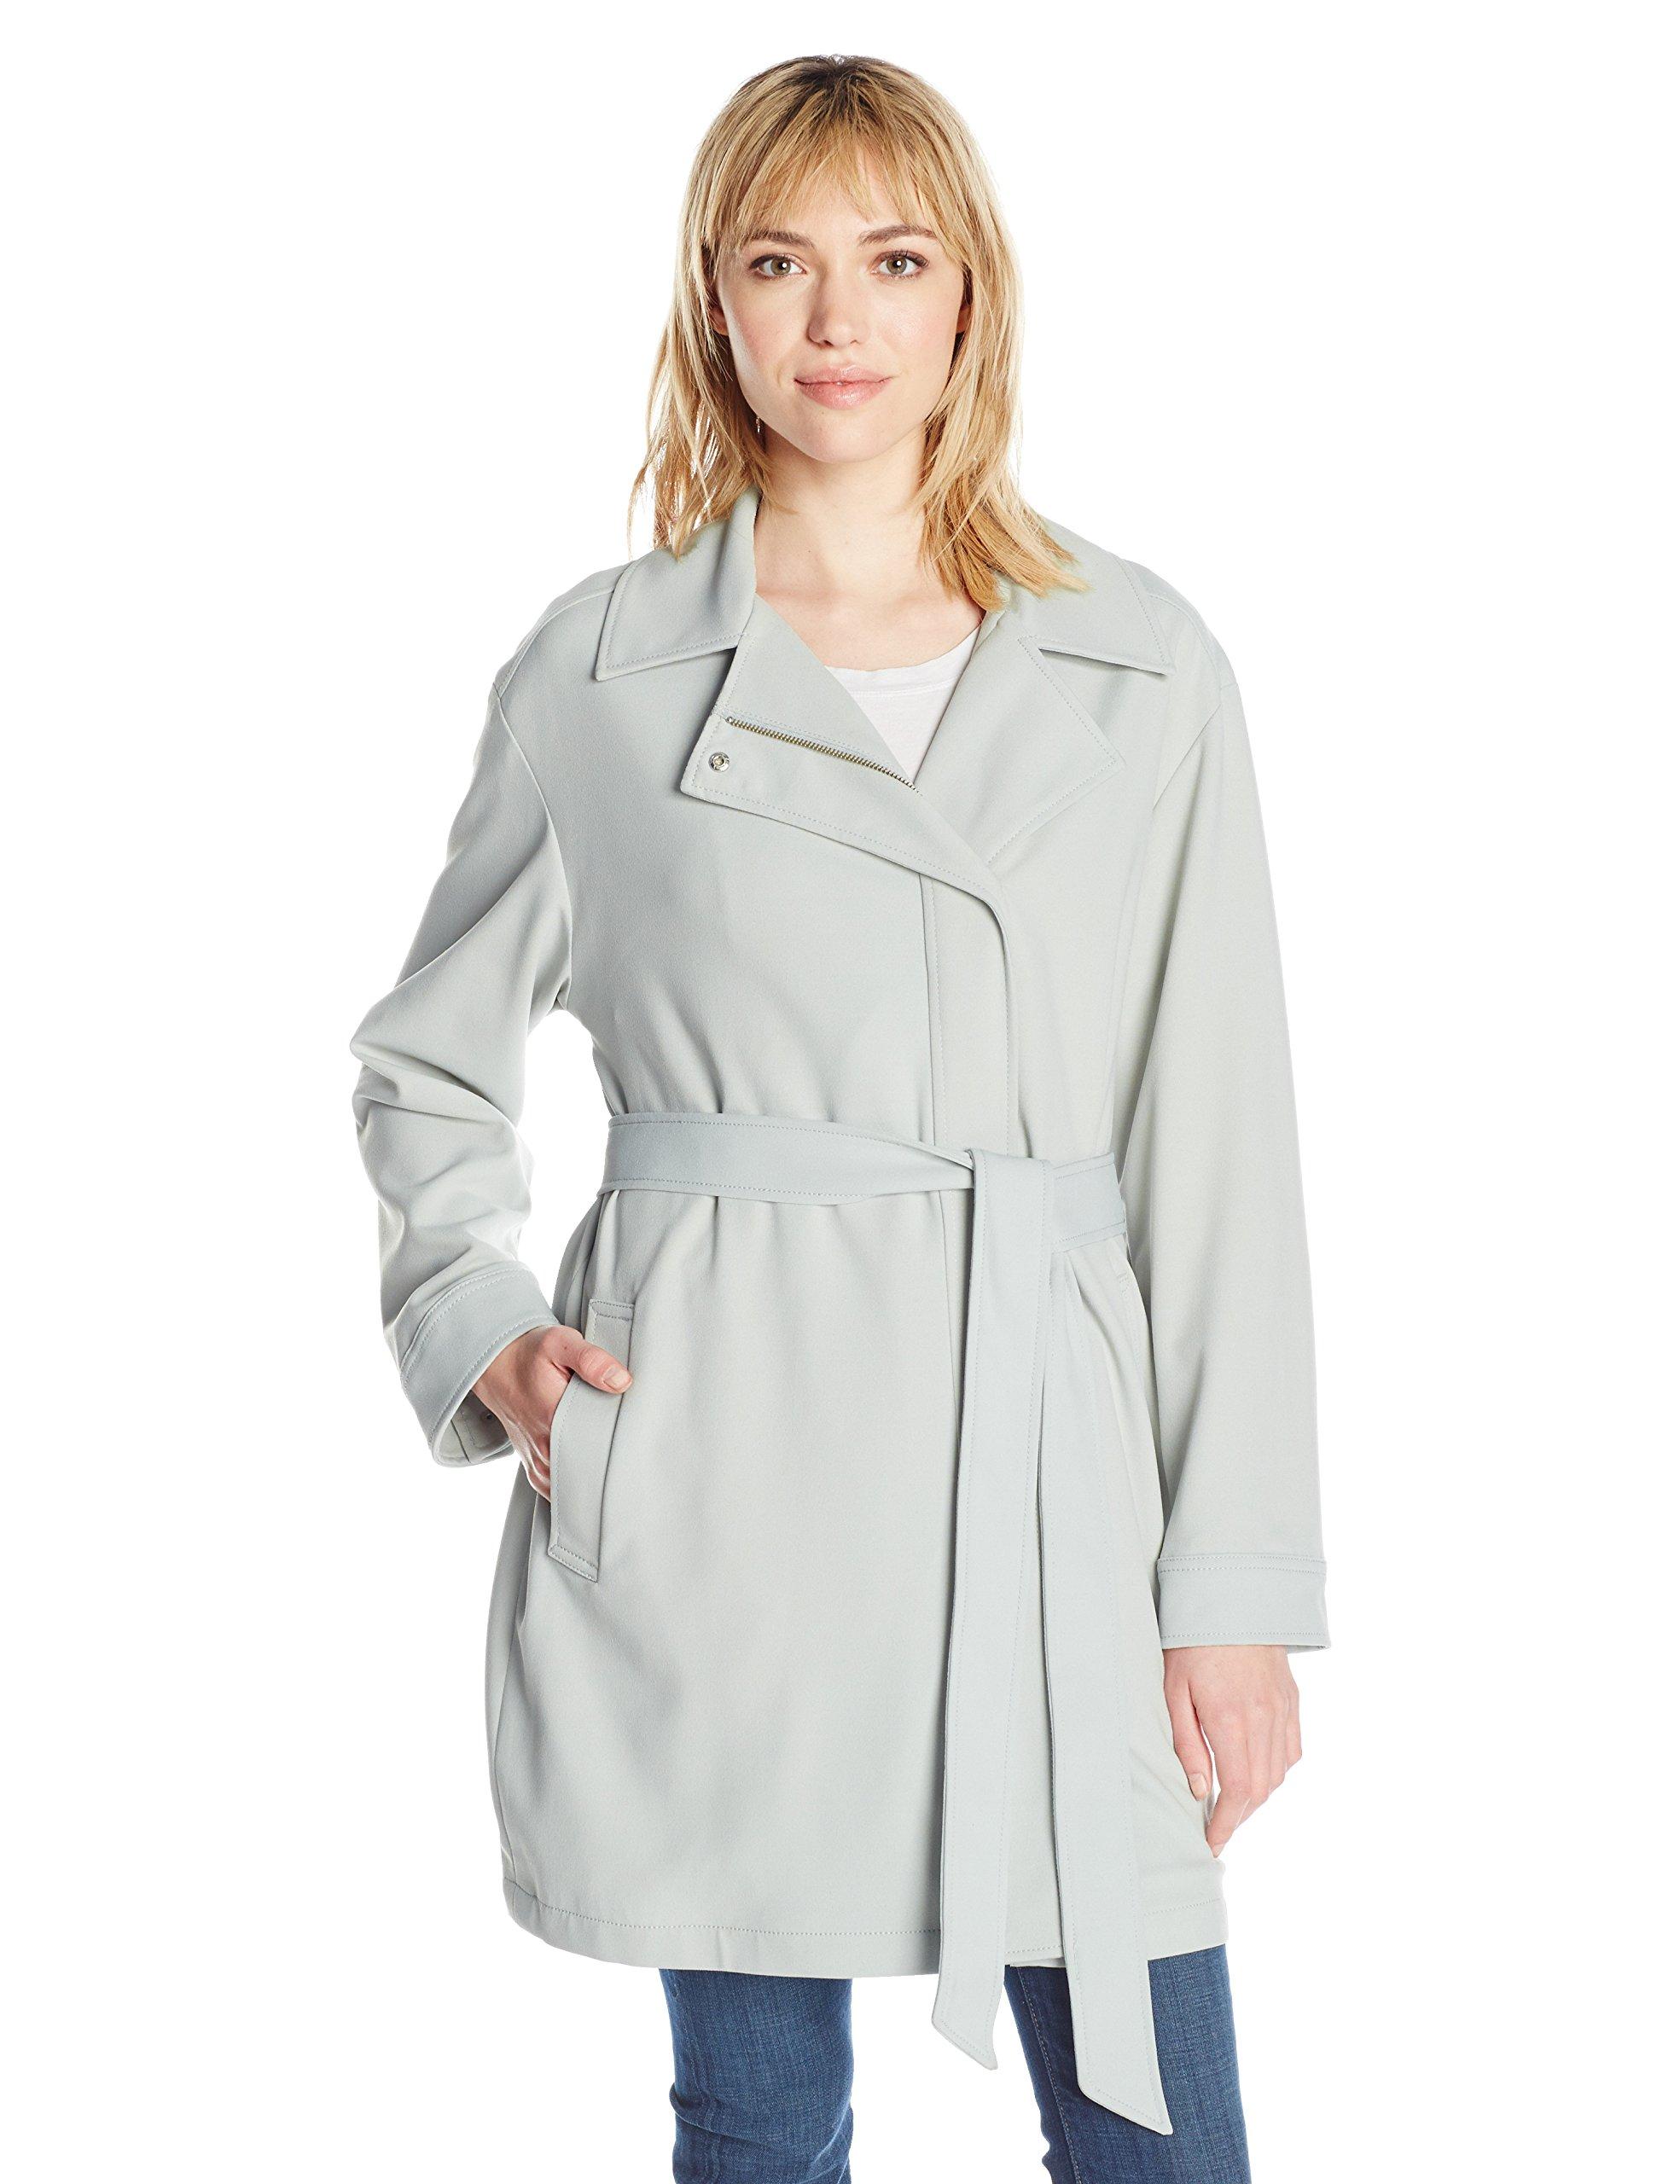 7 For All Mankind Women's Asymmetrical Fashion Drape Trench Coat, Coastal Grey, XL